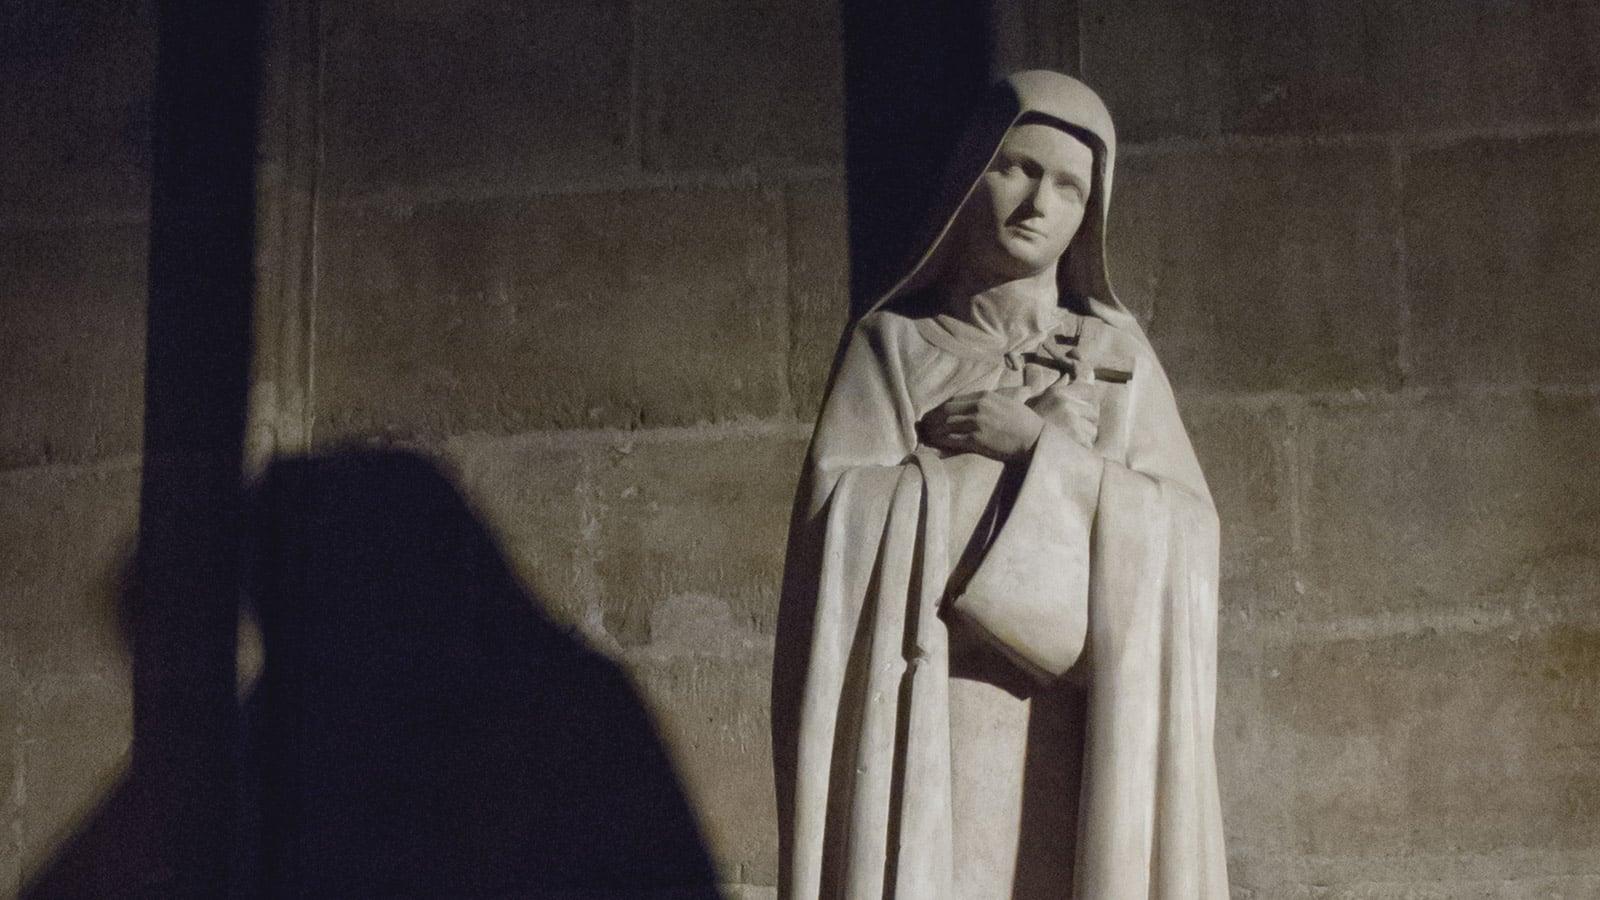 Fêtons sainte Thérèse de l'Enfant Jésus